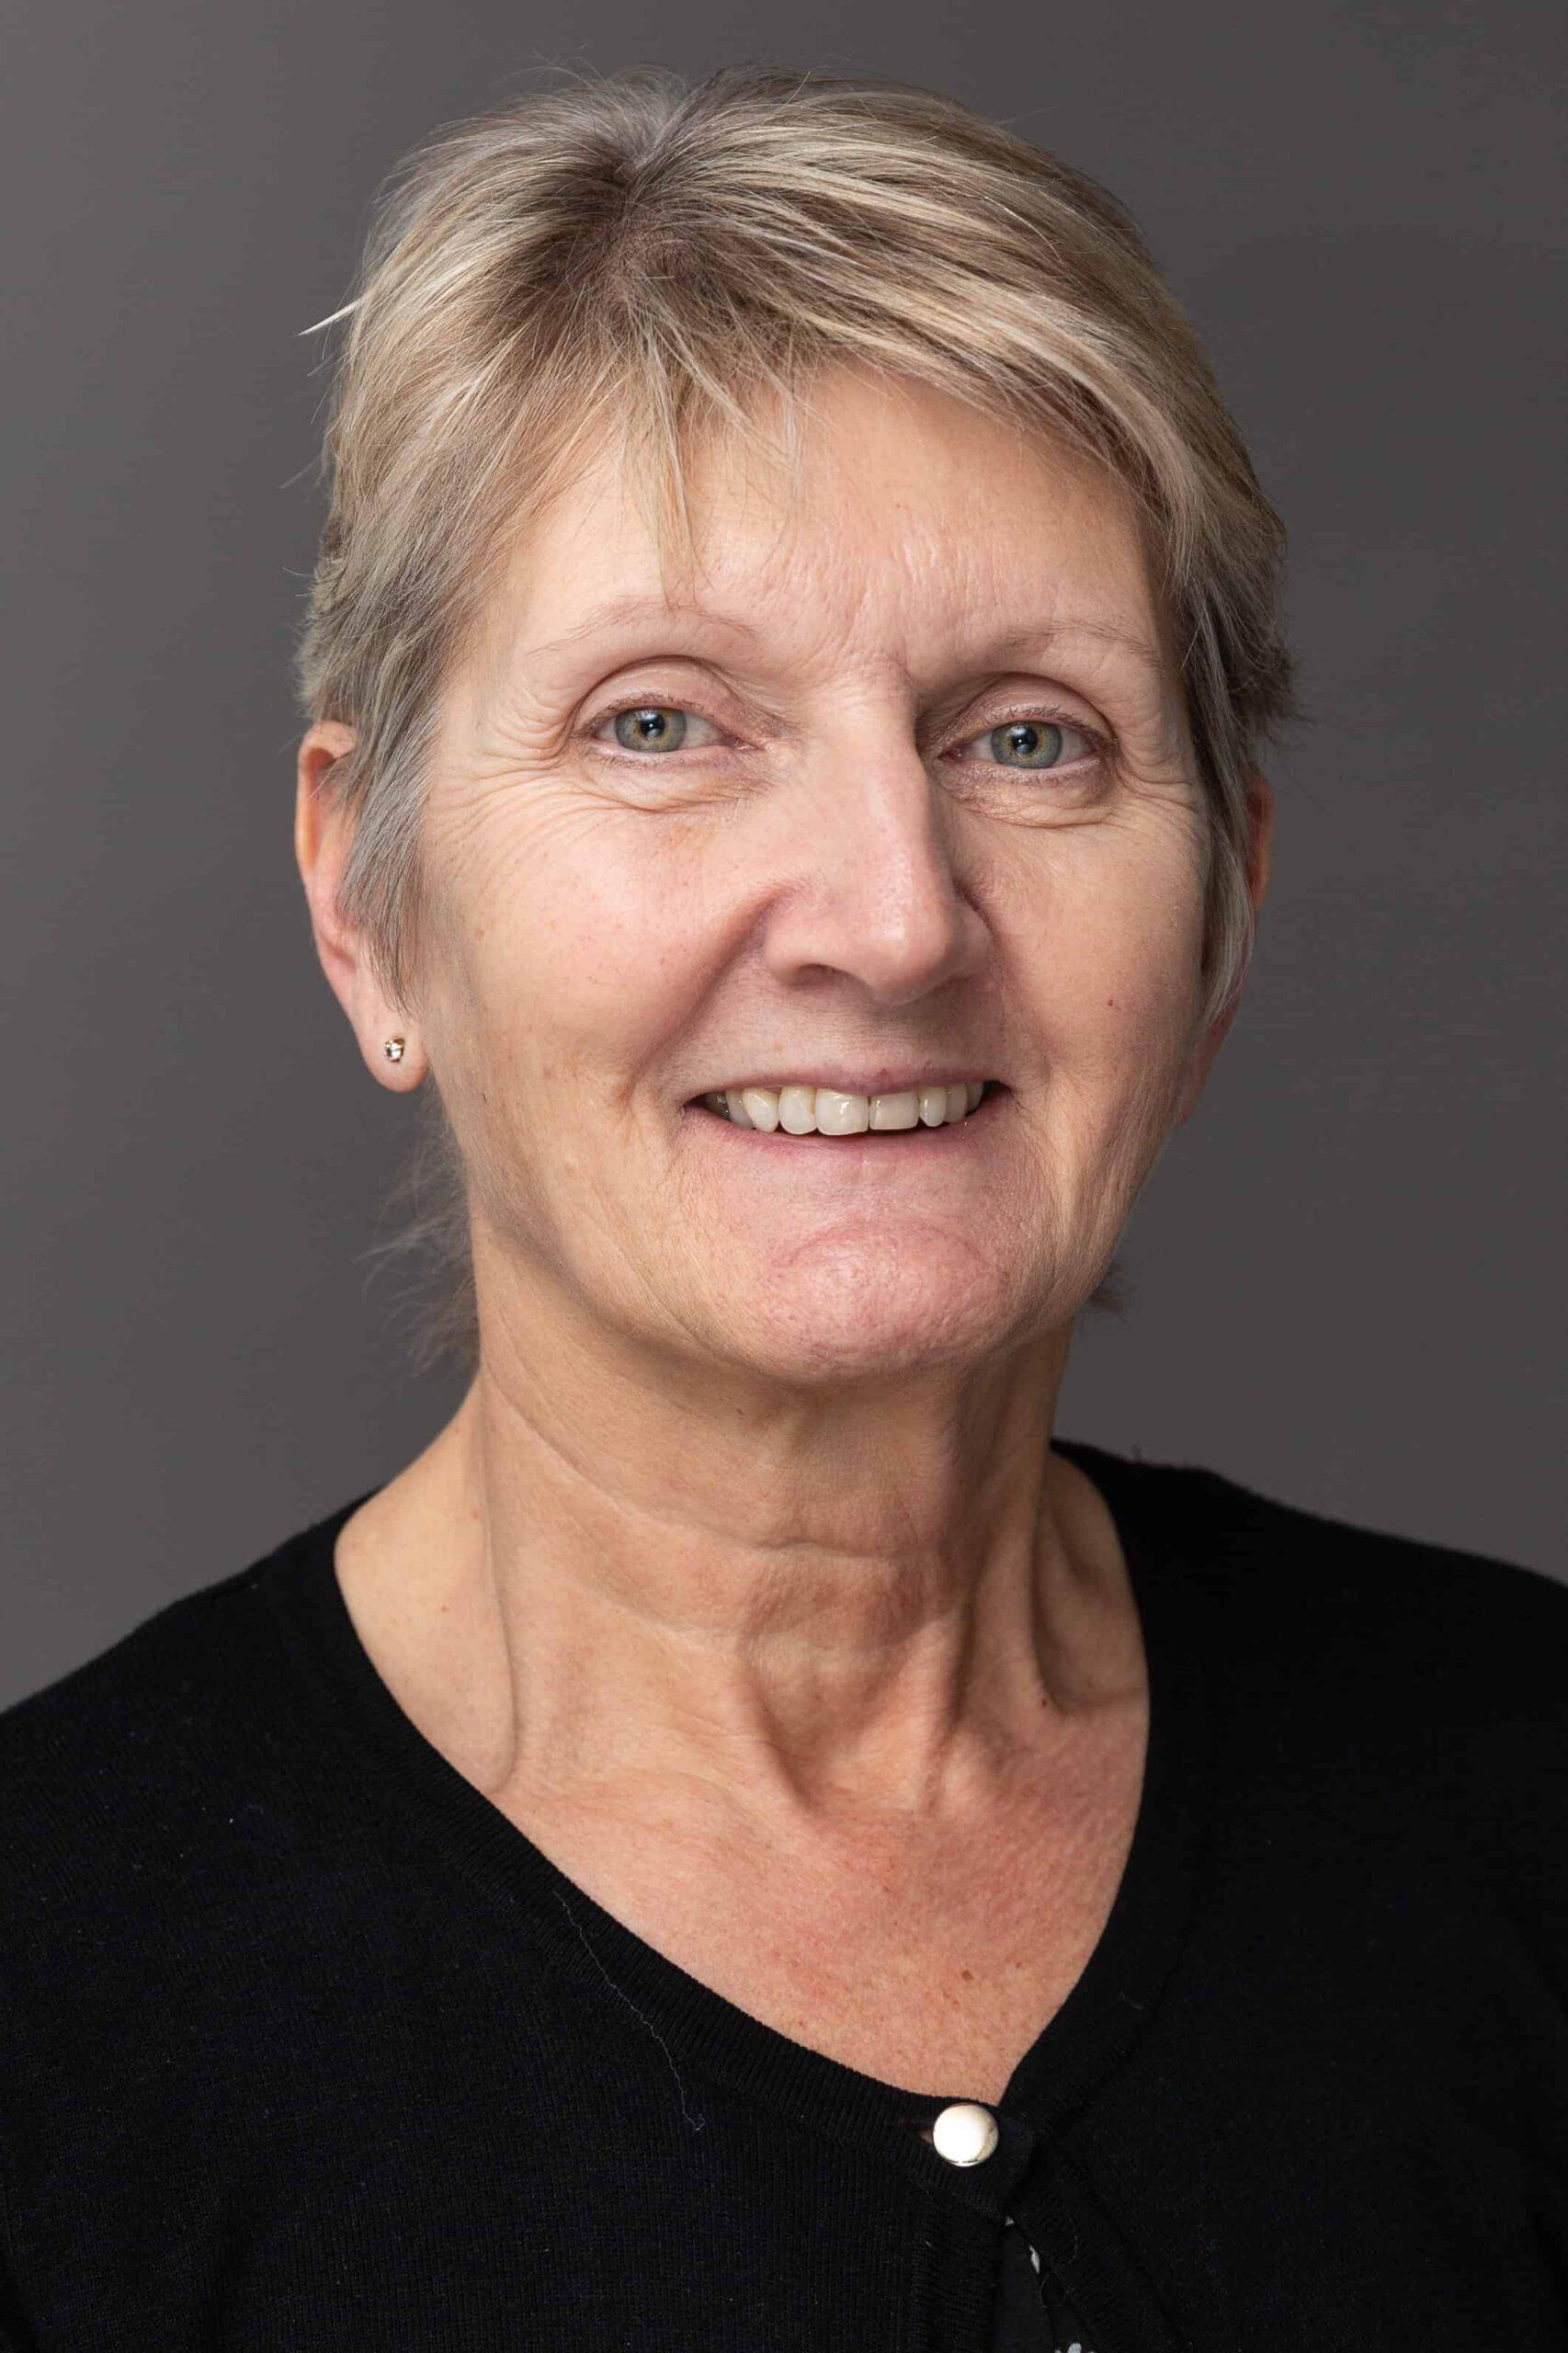 Pam Boldock